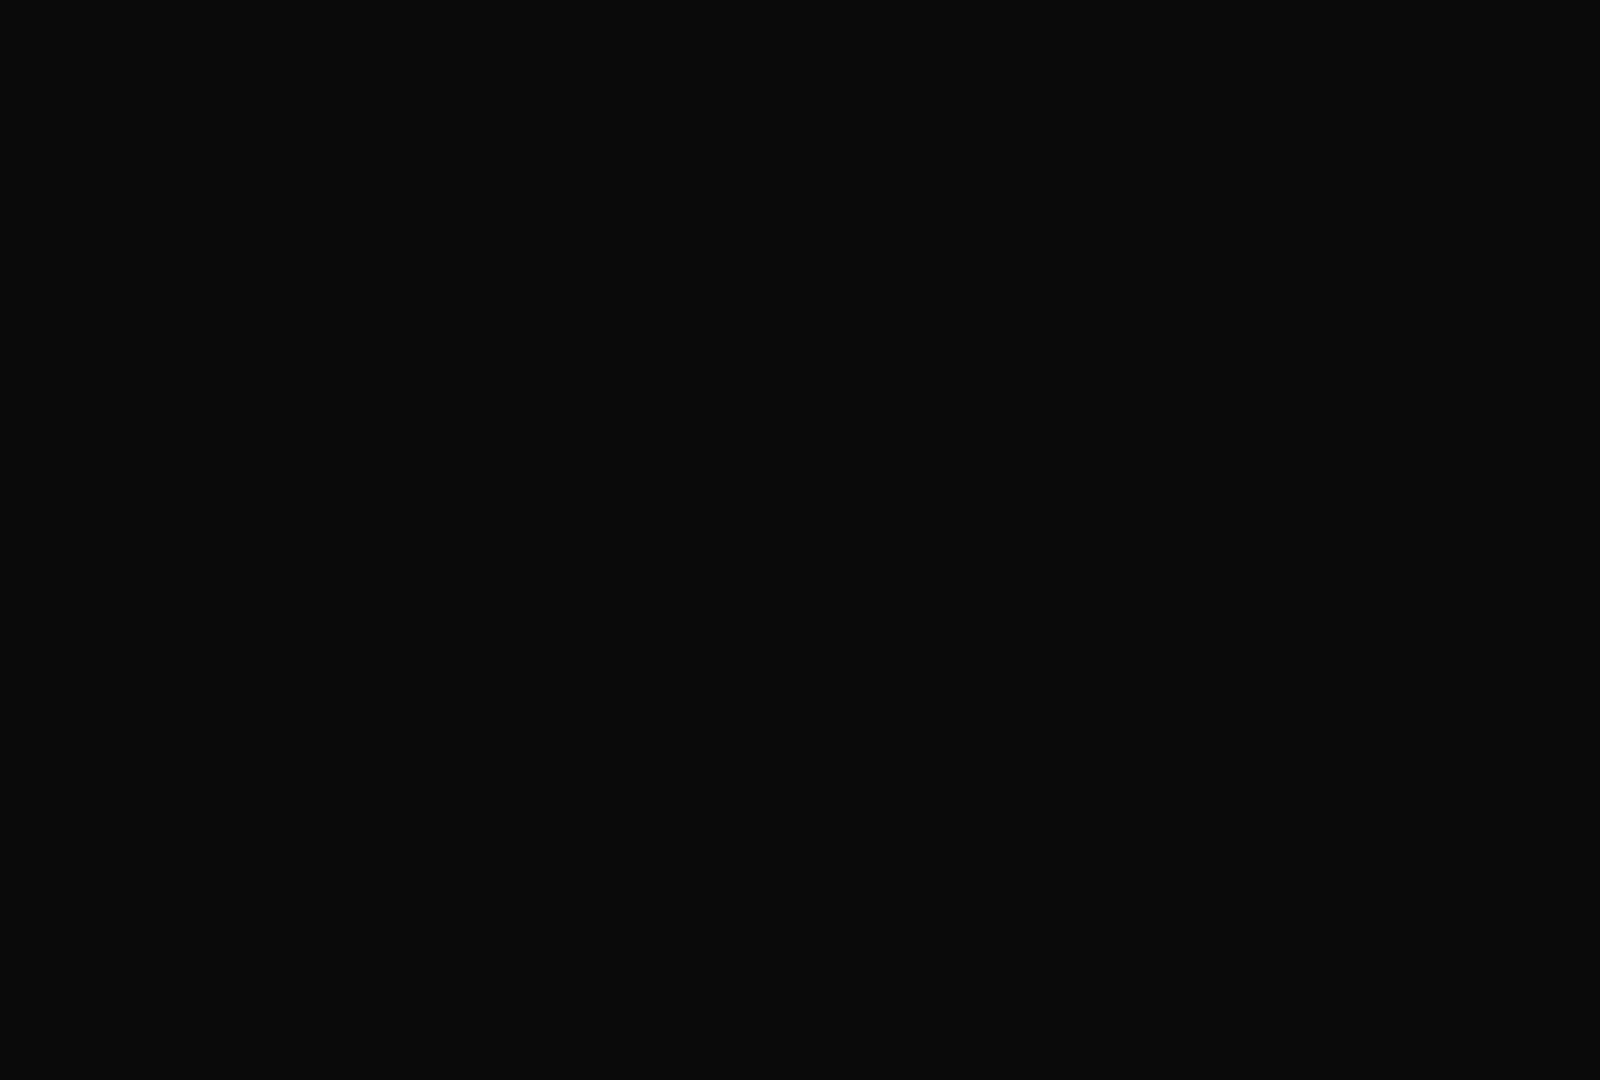 充血監督の深夜の運動会Vol.98 OL  76枚 36